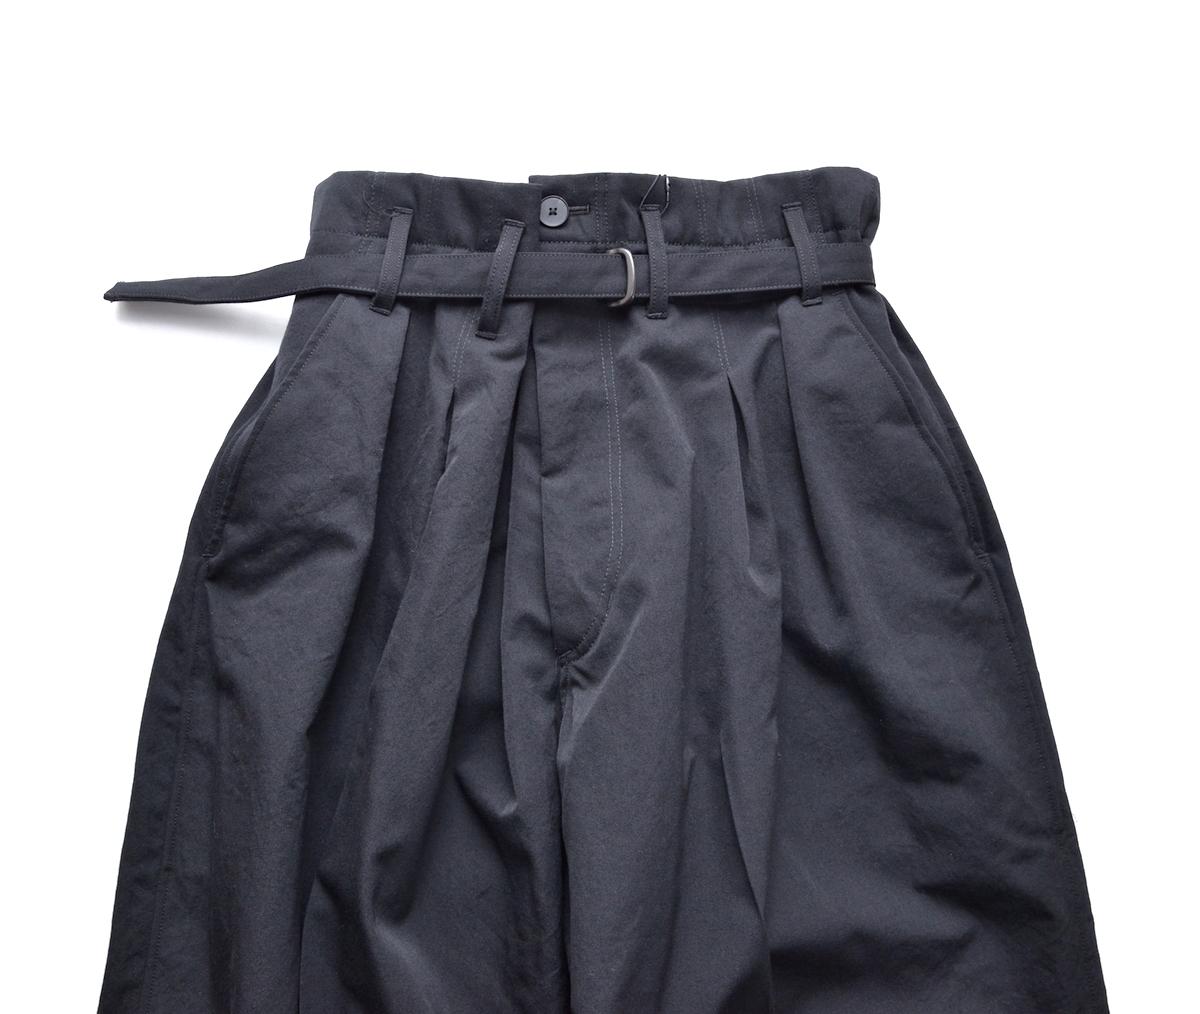 ESSAY 「 P-3 : SHIN HAKAMA SLACKS / black 」